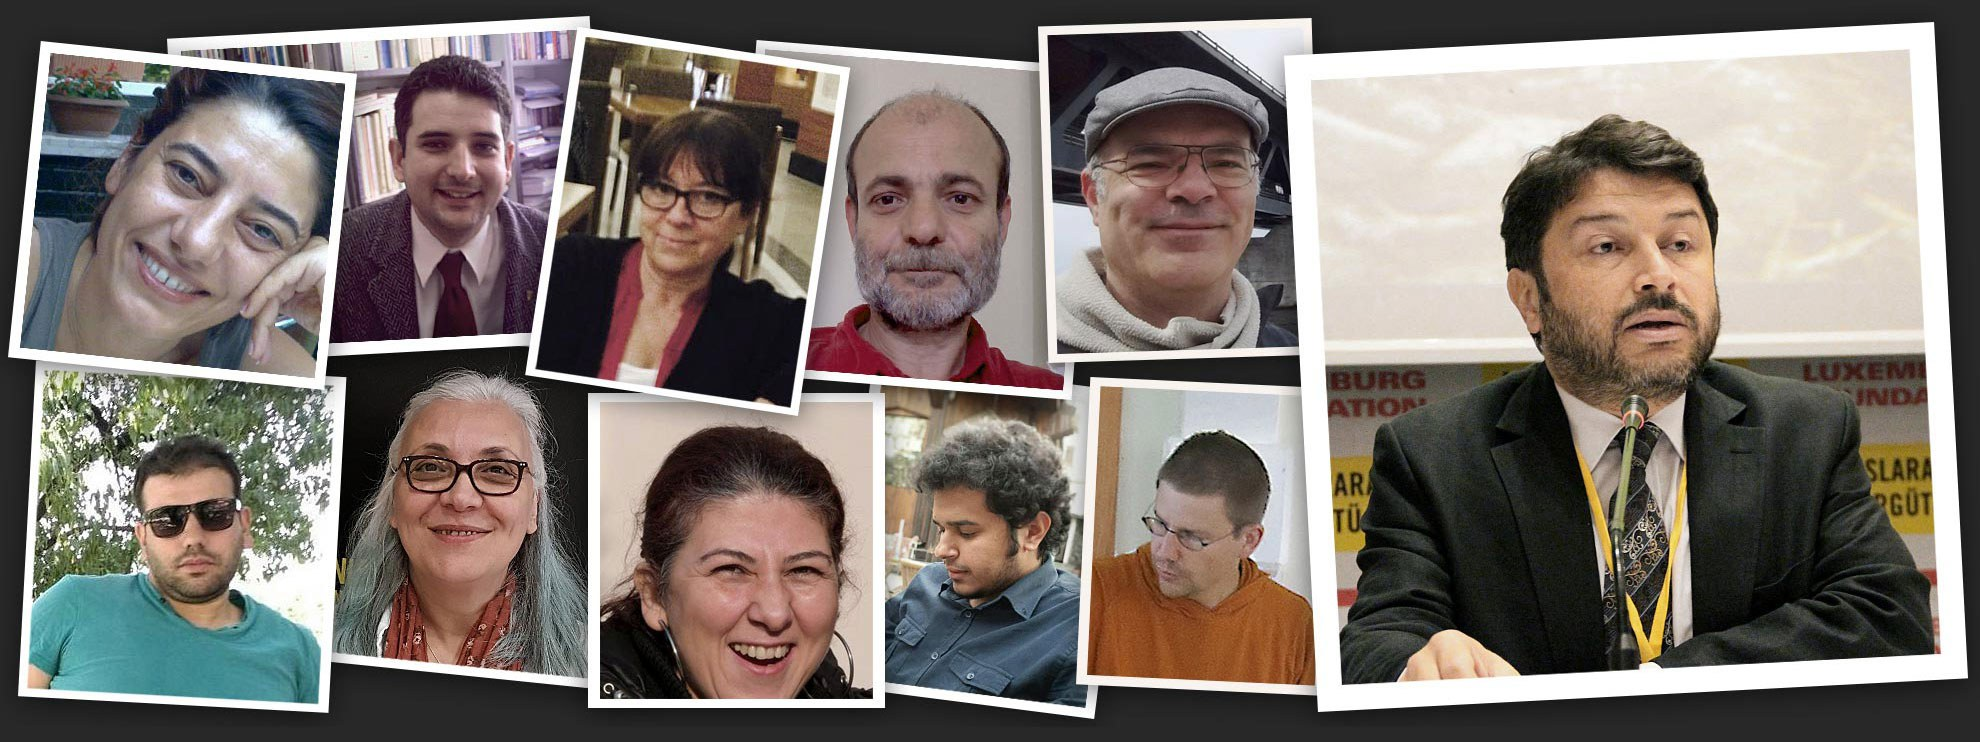 Idil Eser, Taner Kiliç et les autres défenseur·e·s des droits humains arrêté·e·s.  © Amnesty International